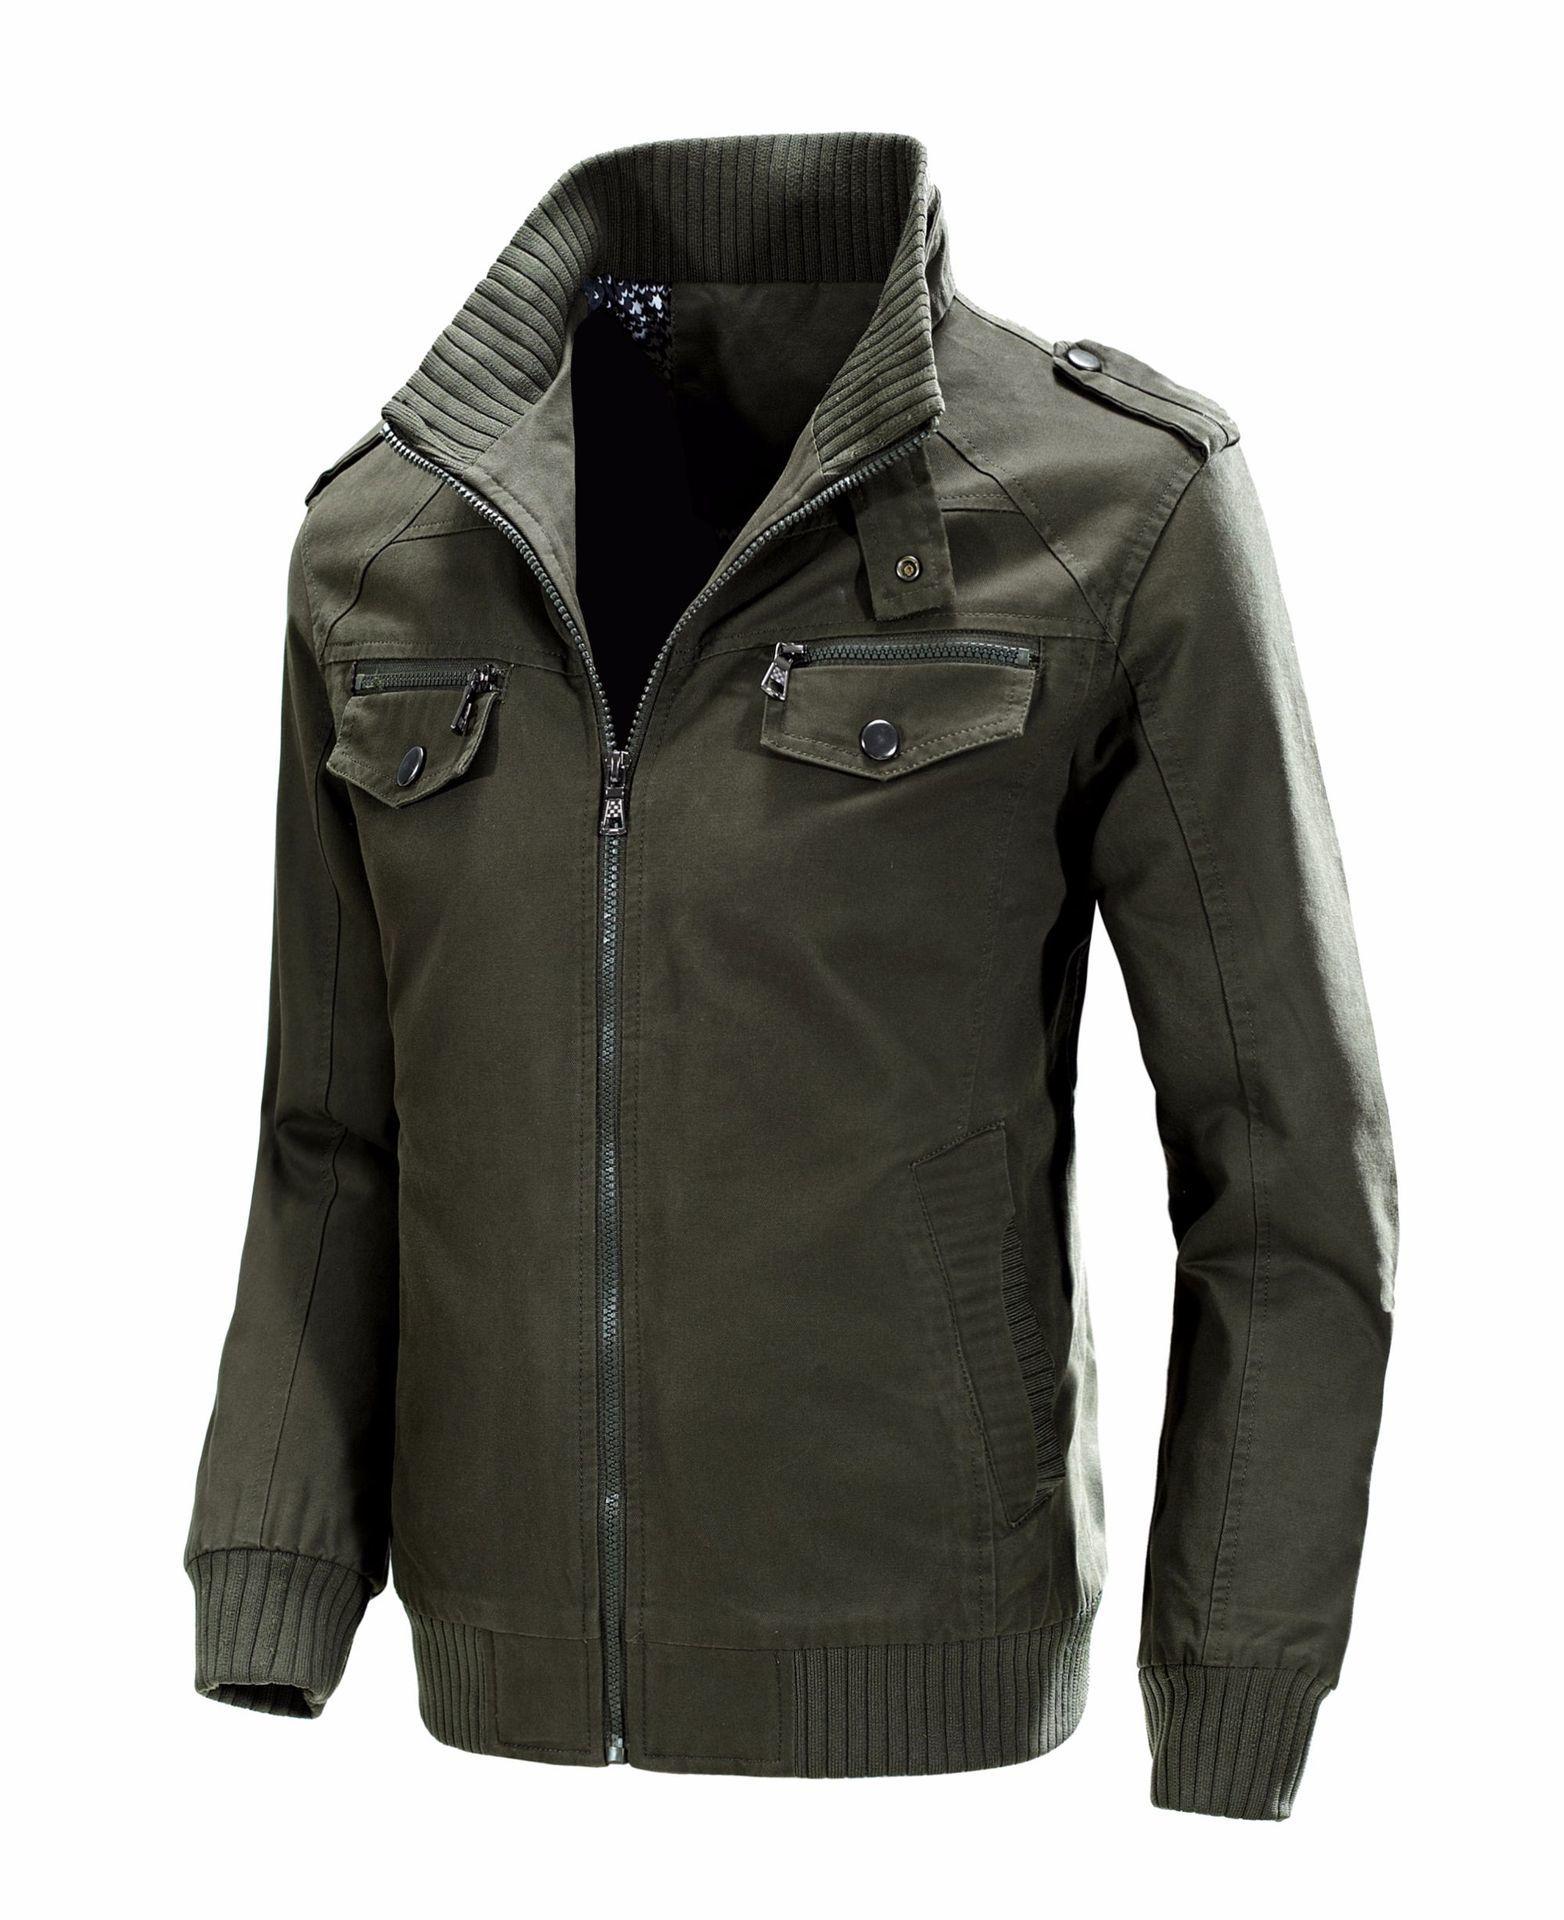 KOSMO MASA, хлопковая куртка бомбер, Мужская ветровка, Военный стиль, 4xl, черный цвет, весна осень, повседневная мужская куртка и пальто для мужчин... - 4